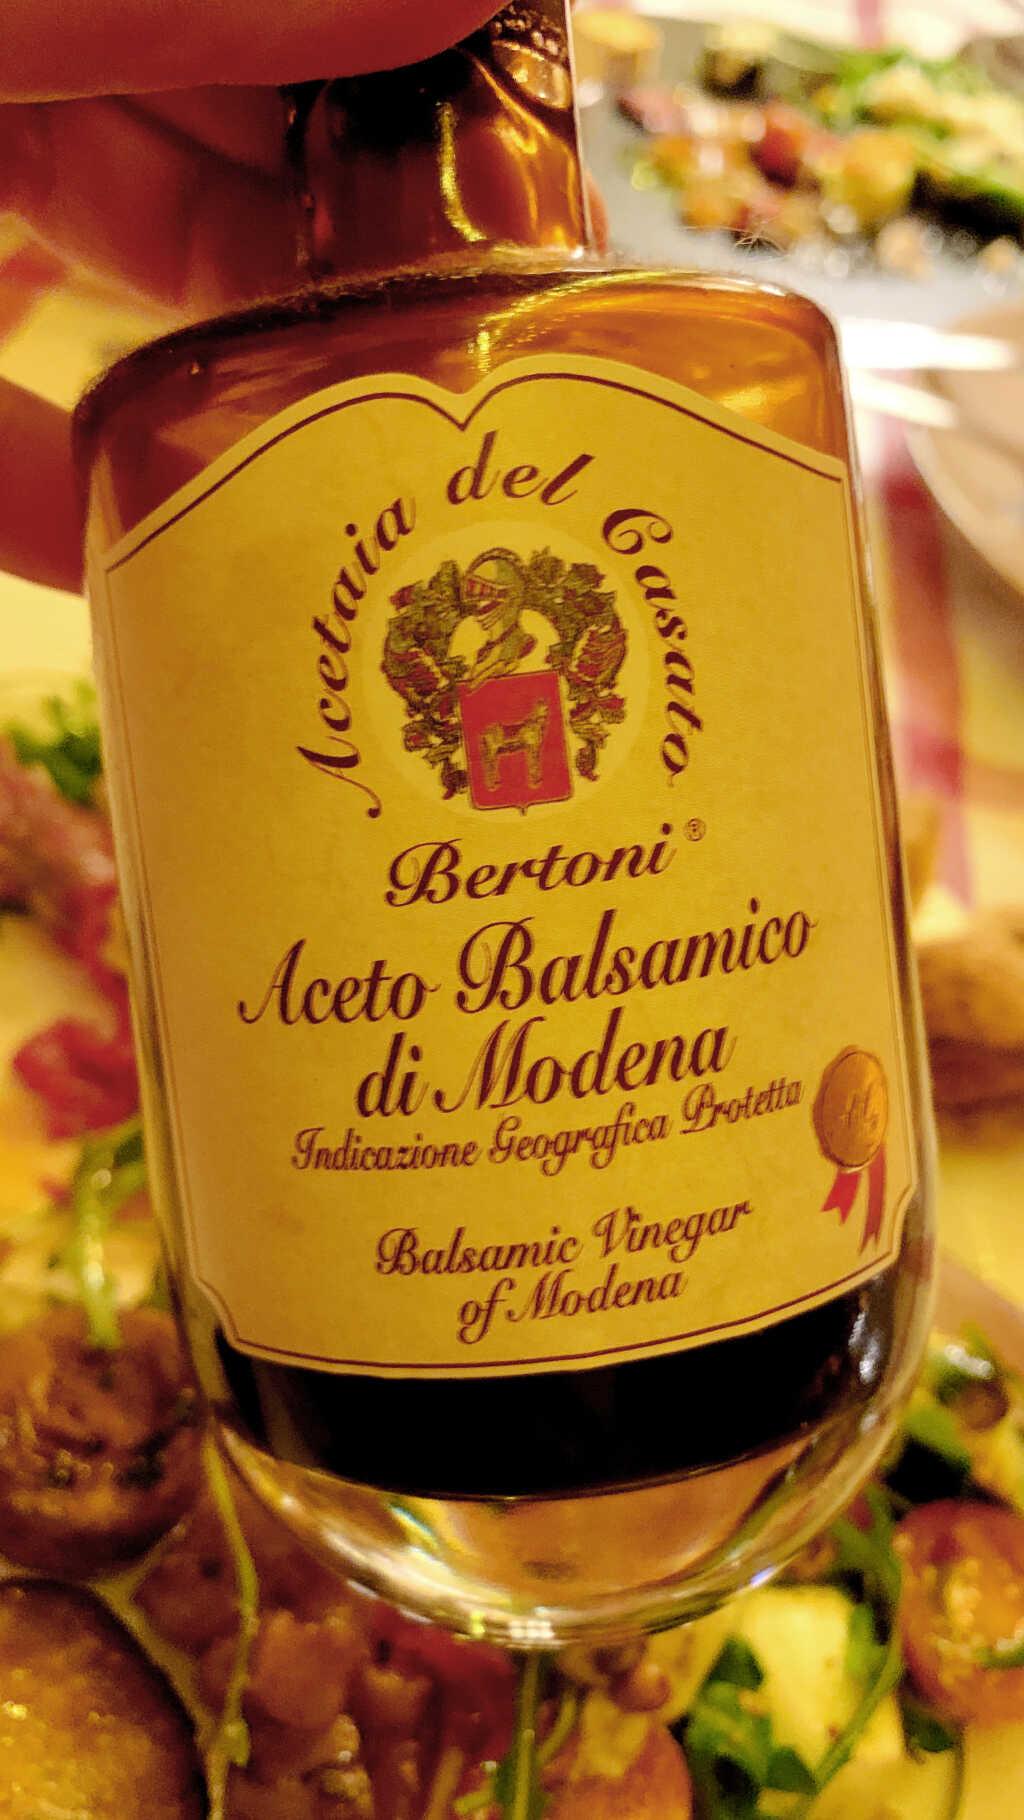 Seit Jahren mein liebster Aceto Balsamico...